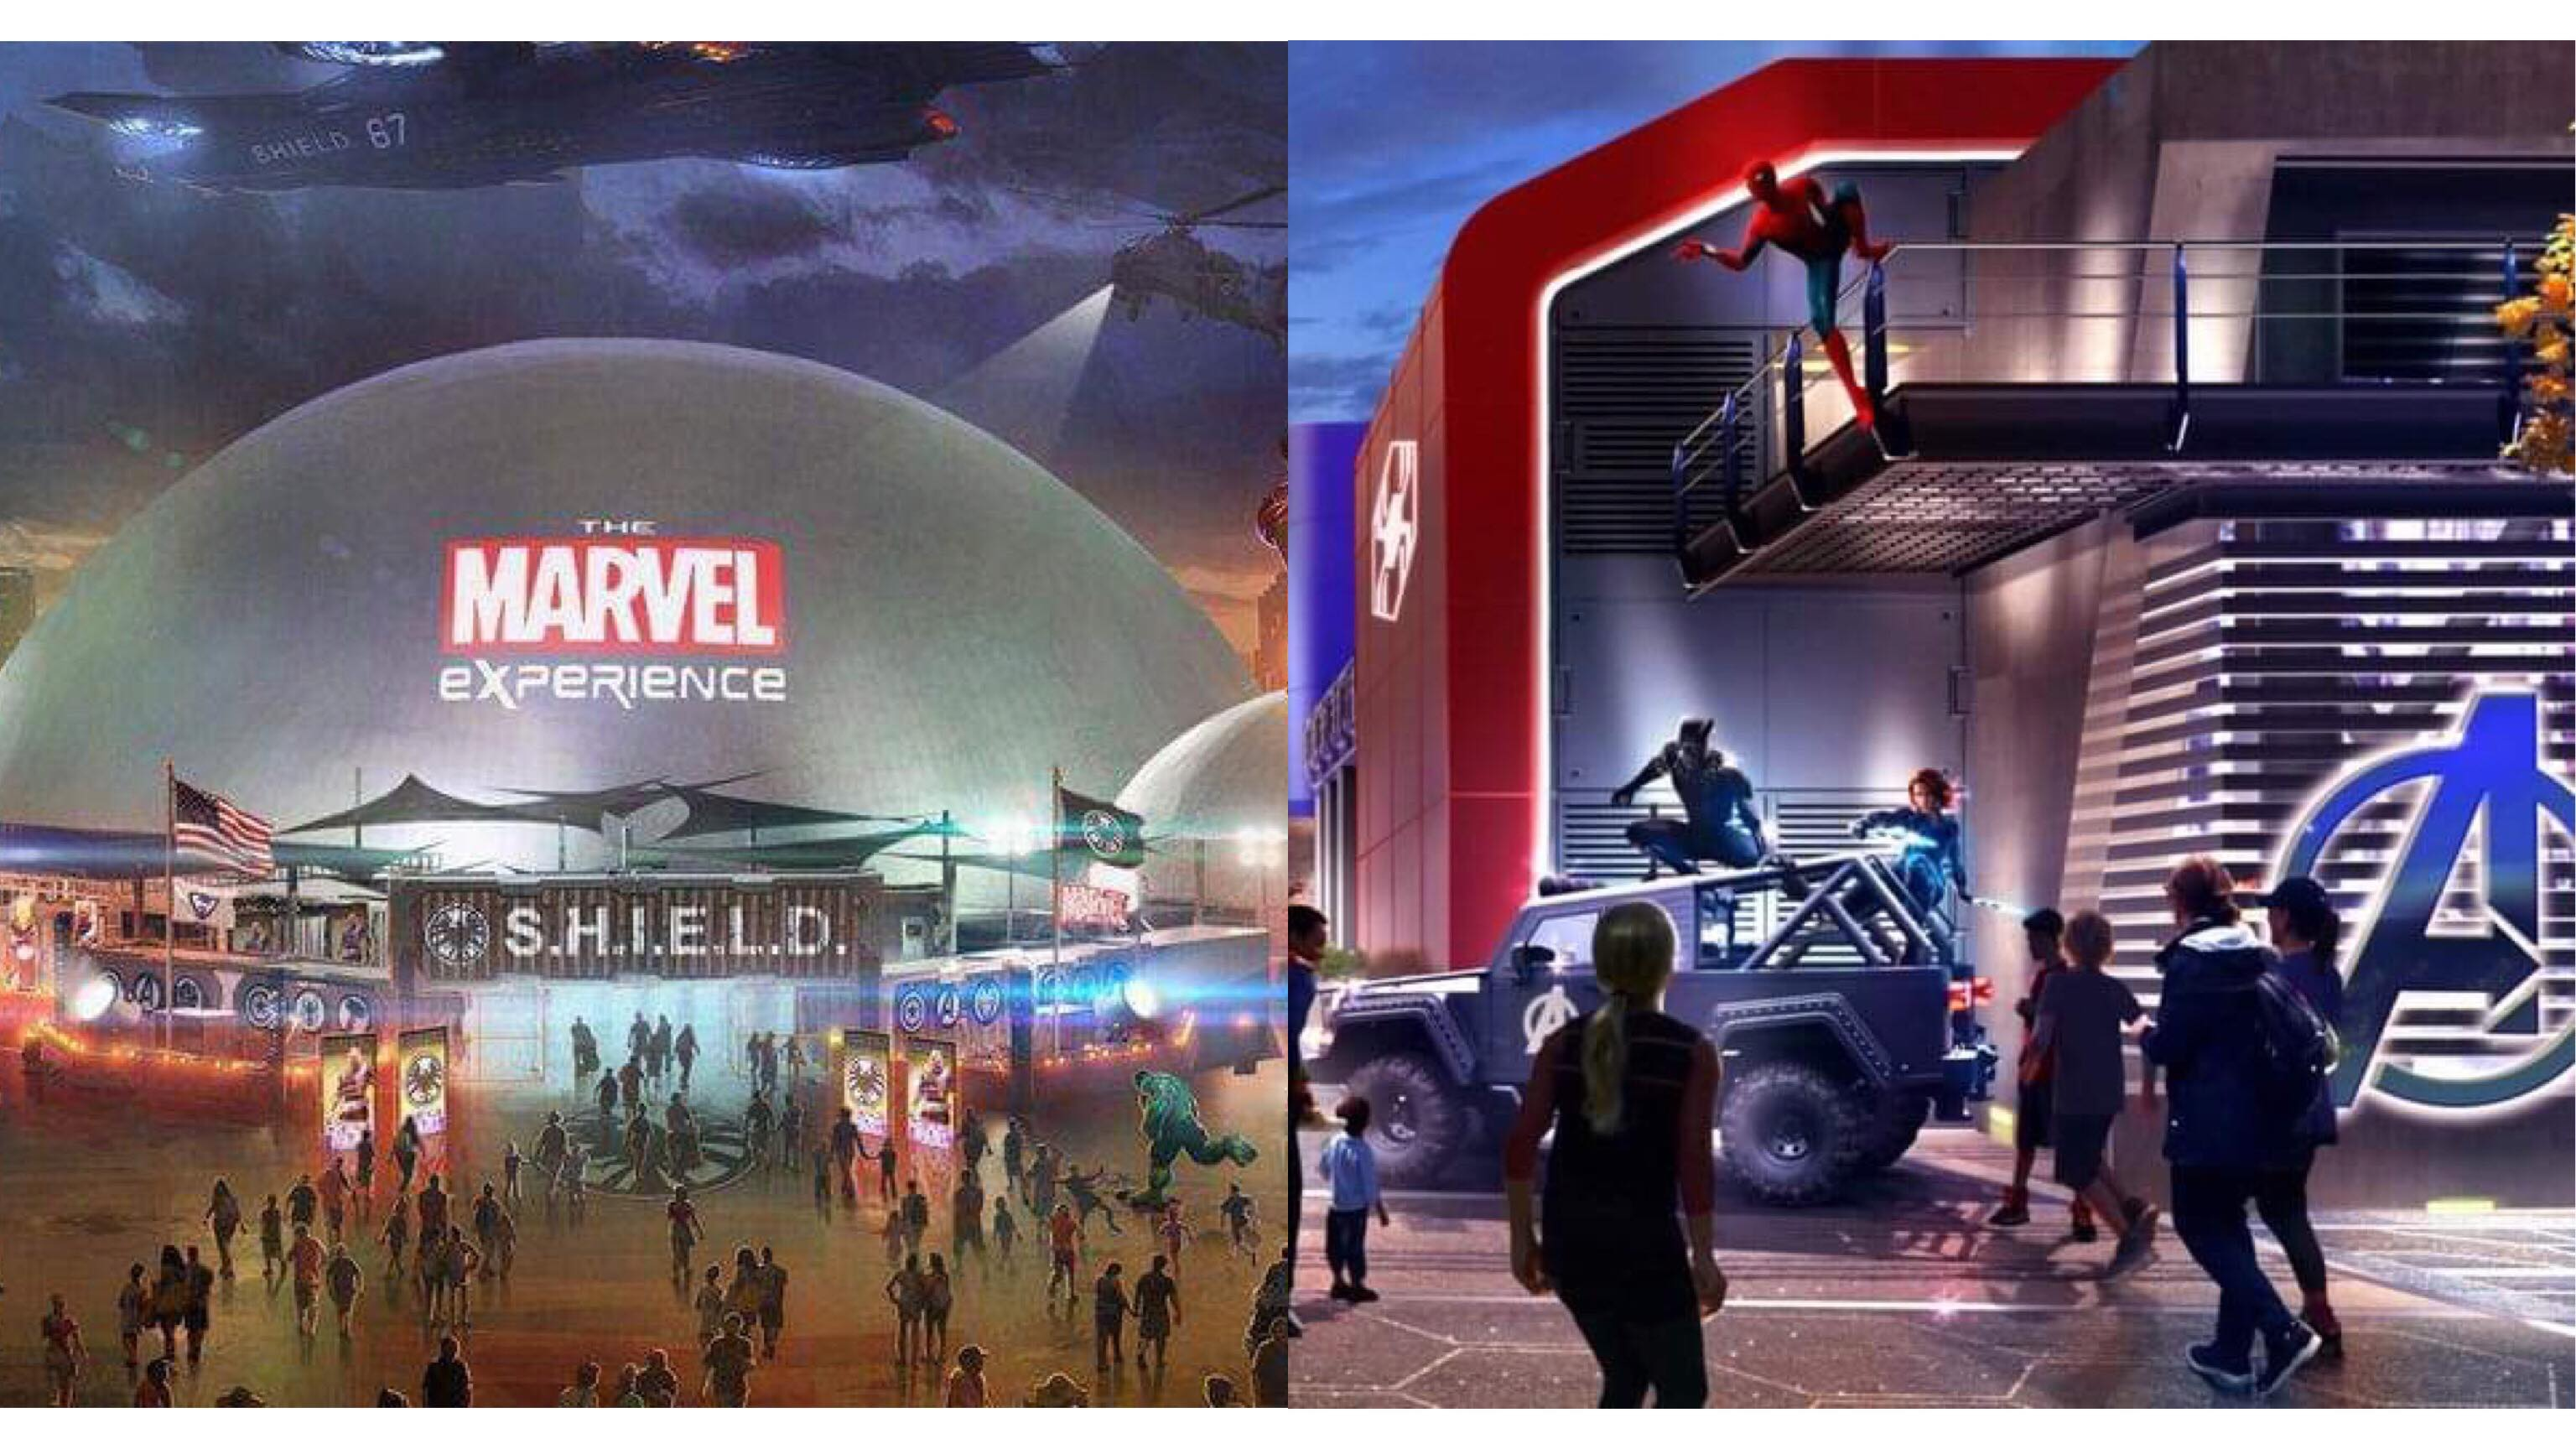 終於等到了!迪士尼打造的「漫威樂園」即將開幕,這一項設施引起了粉絲暴動….. – 我們用電影寫日記